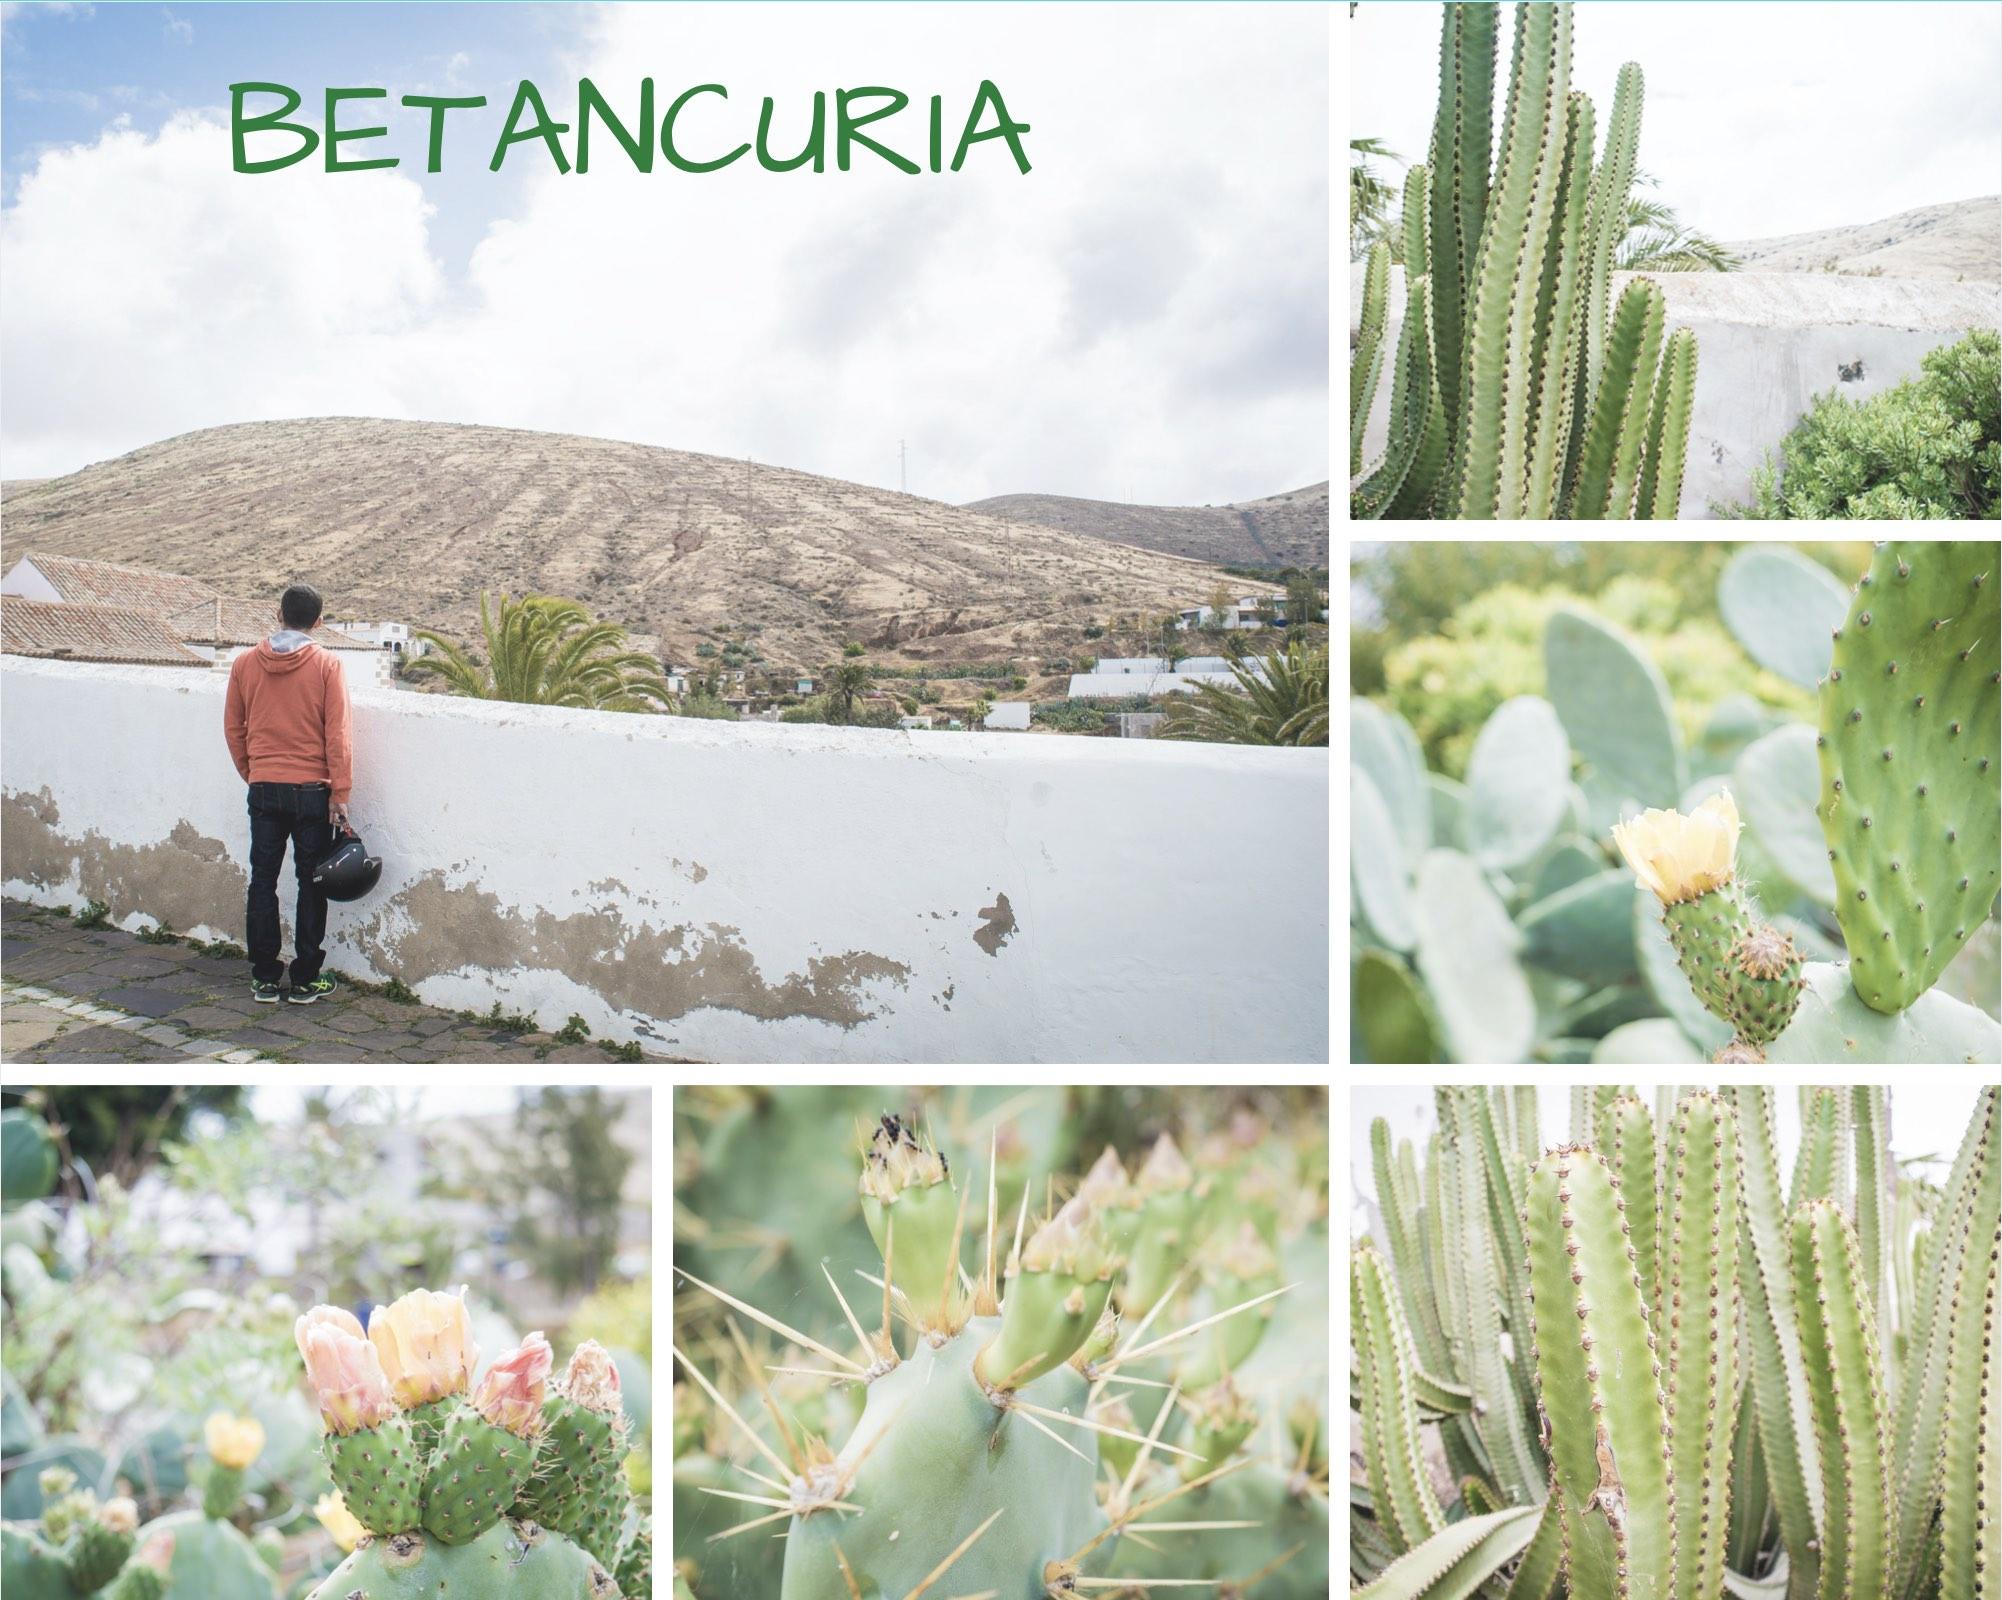 Betancuria